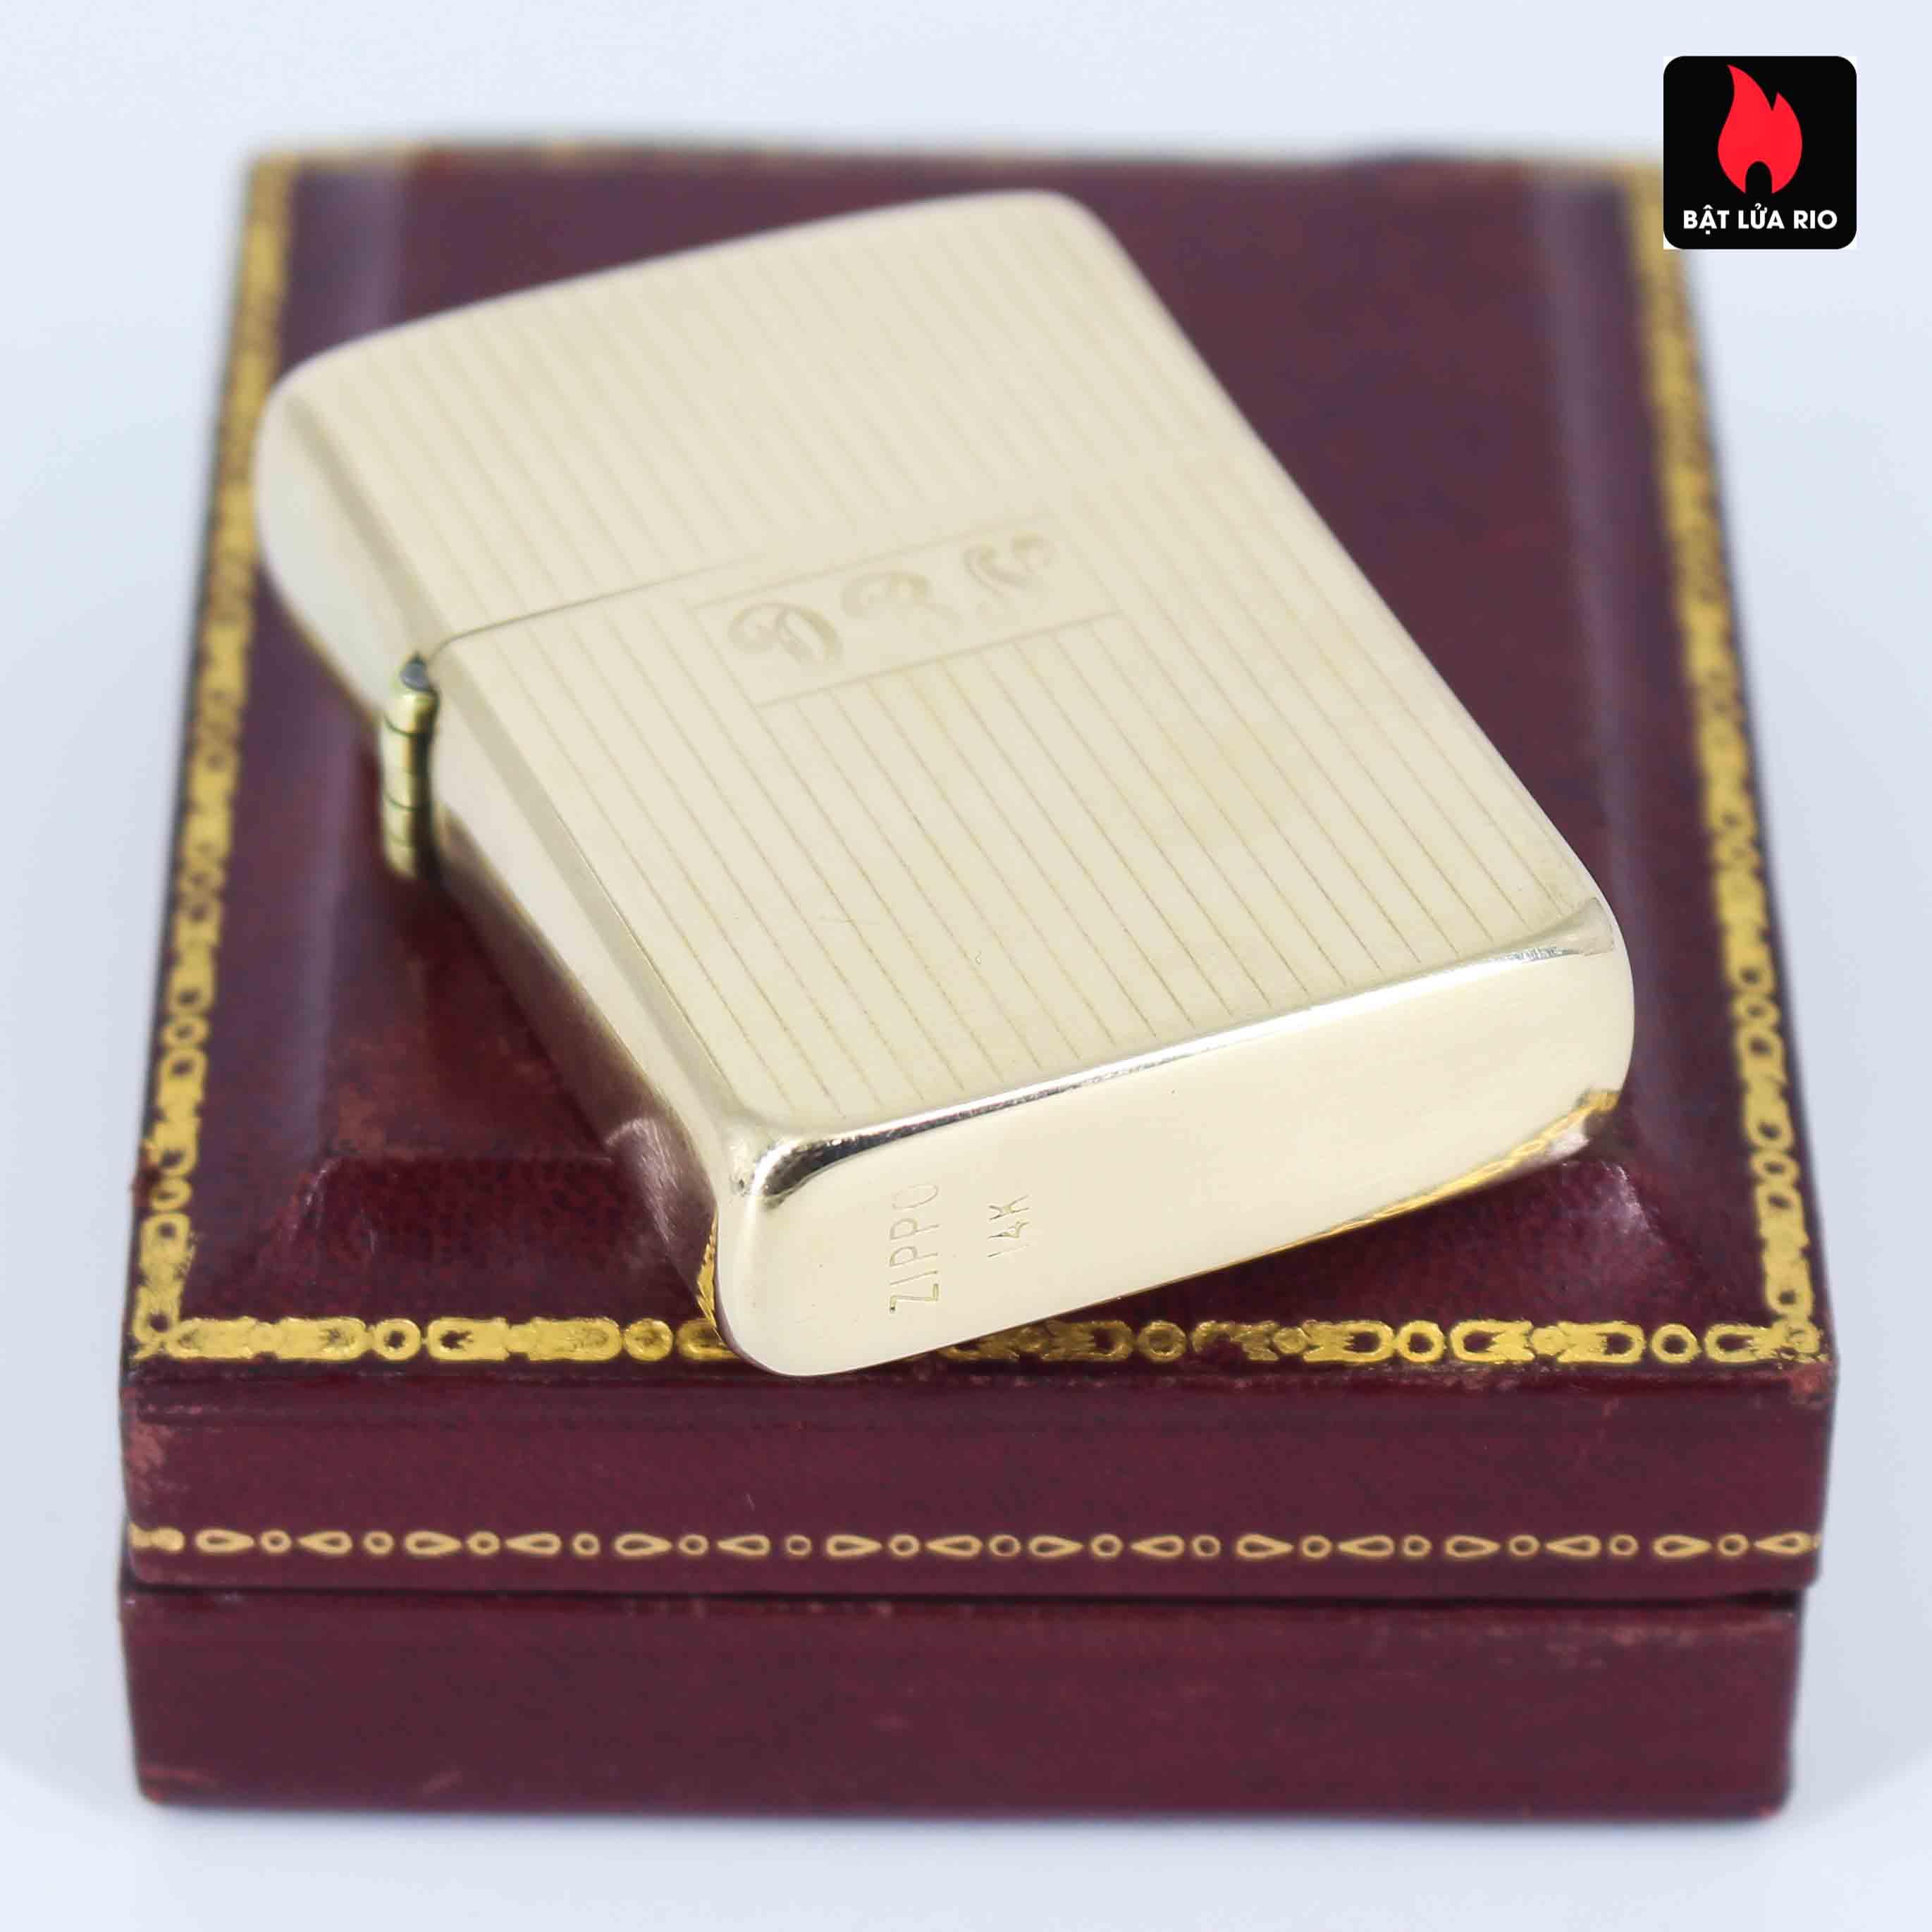 Hiếm - Zippo 1950s - Solid Gold 14k - Vàng Nguyên Khối 14k 6